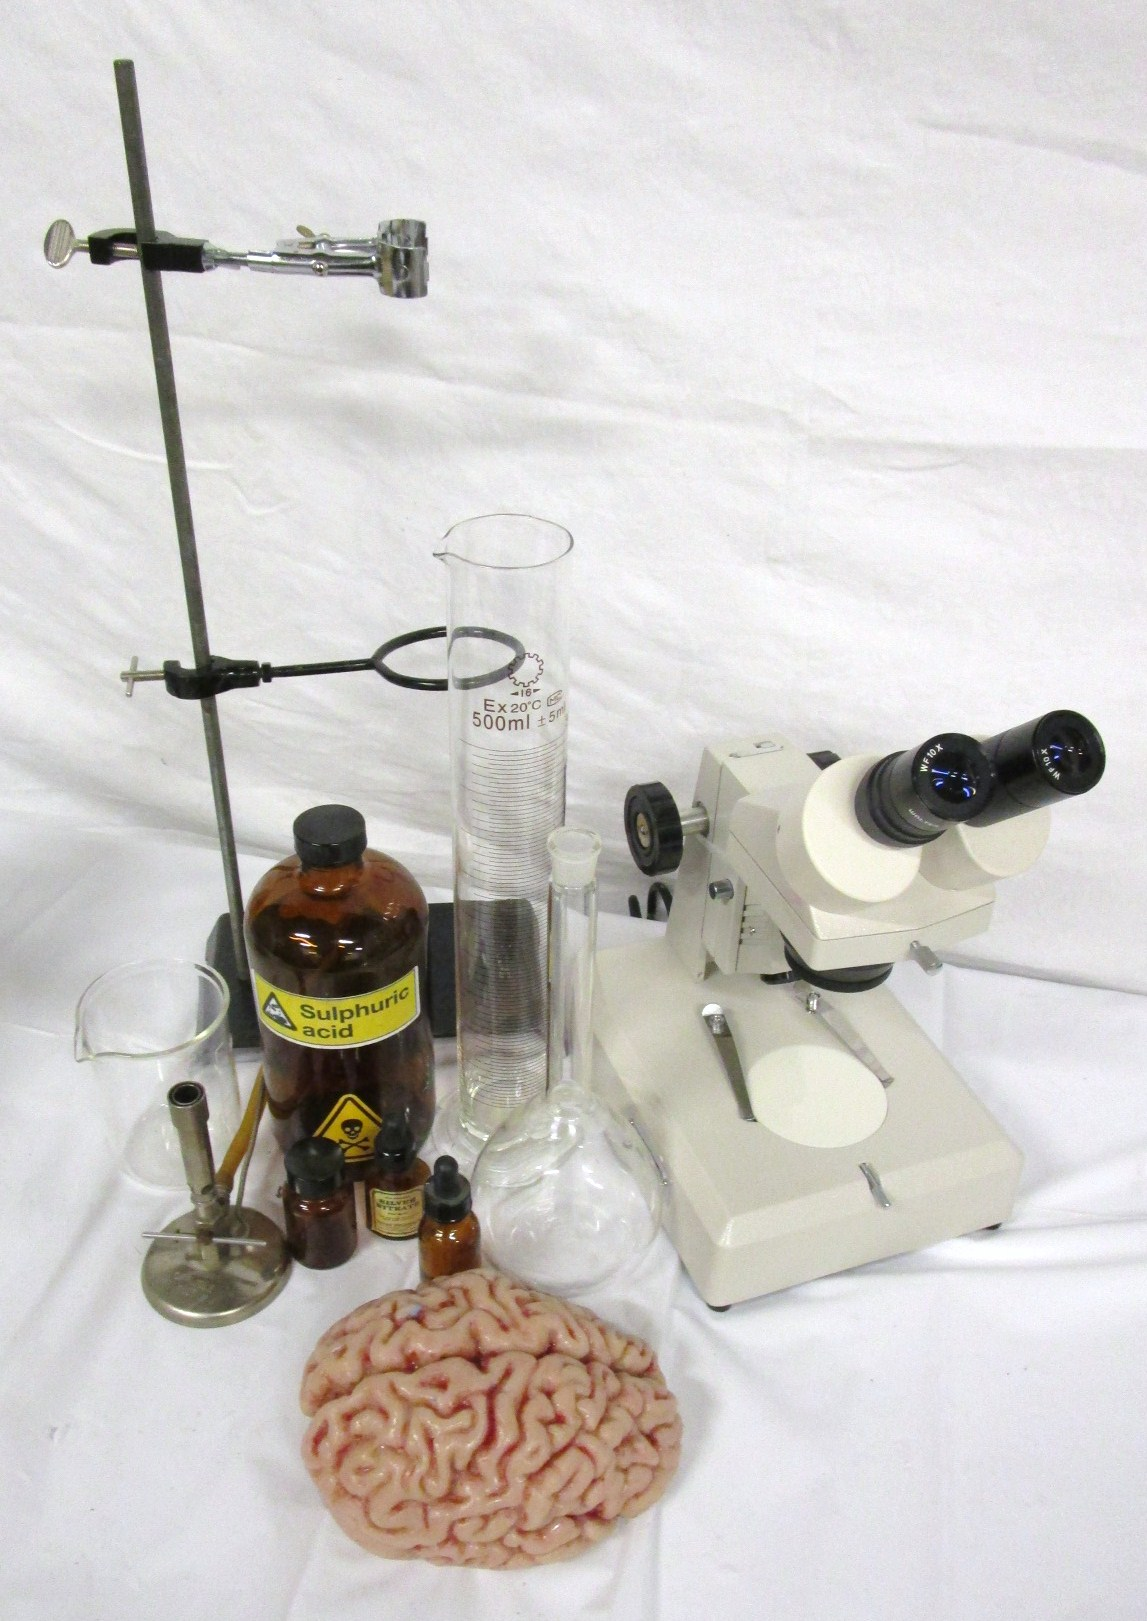 Assorted scientific props